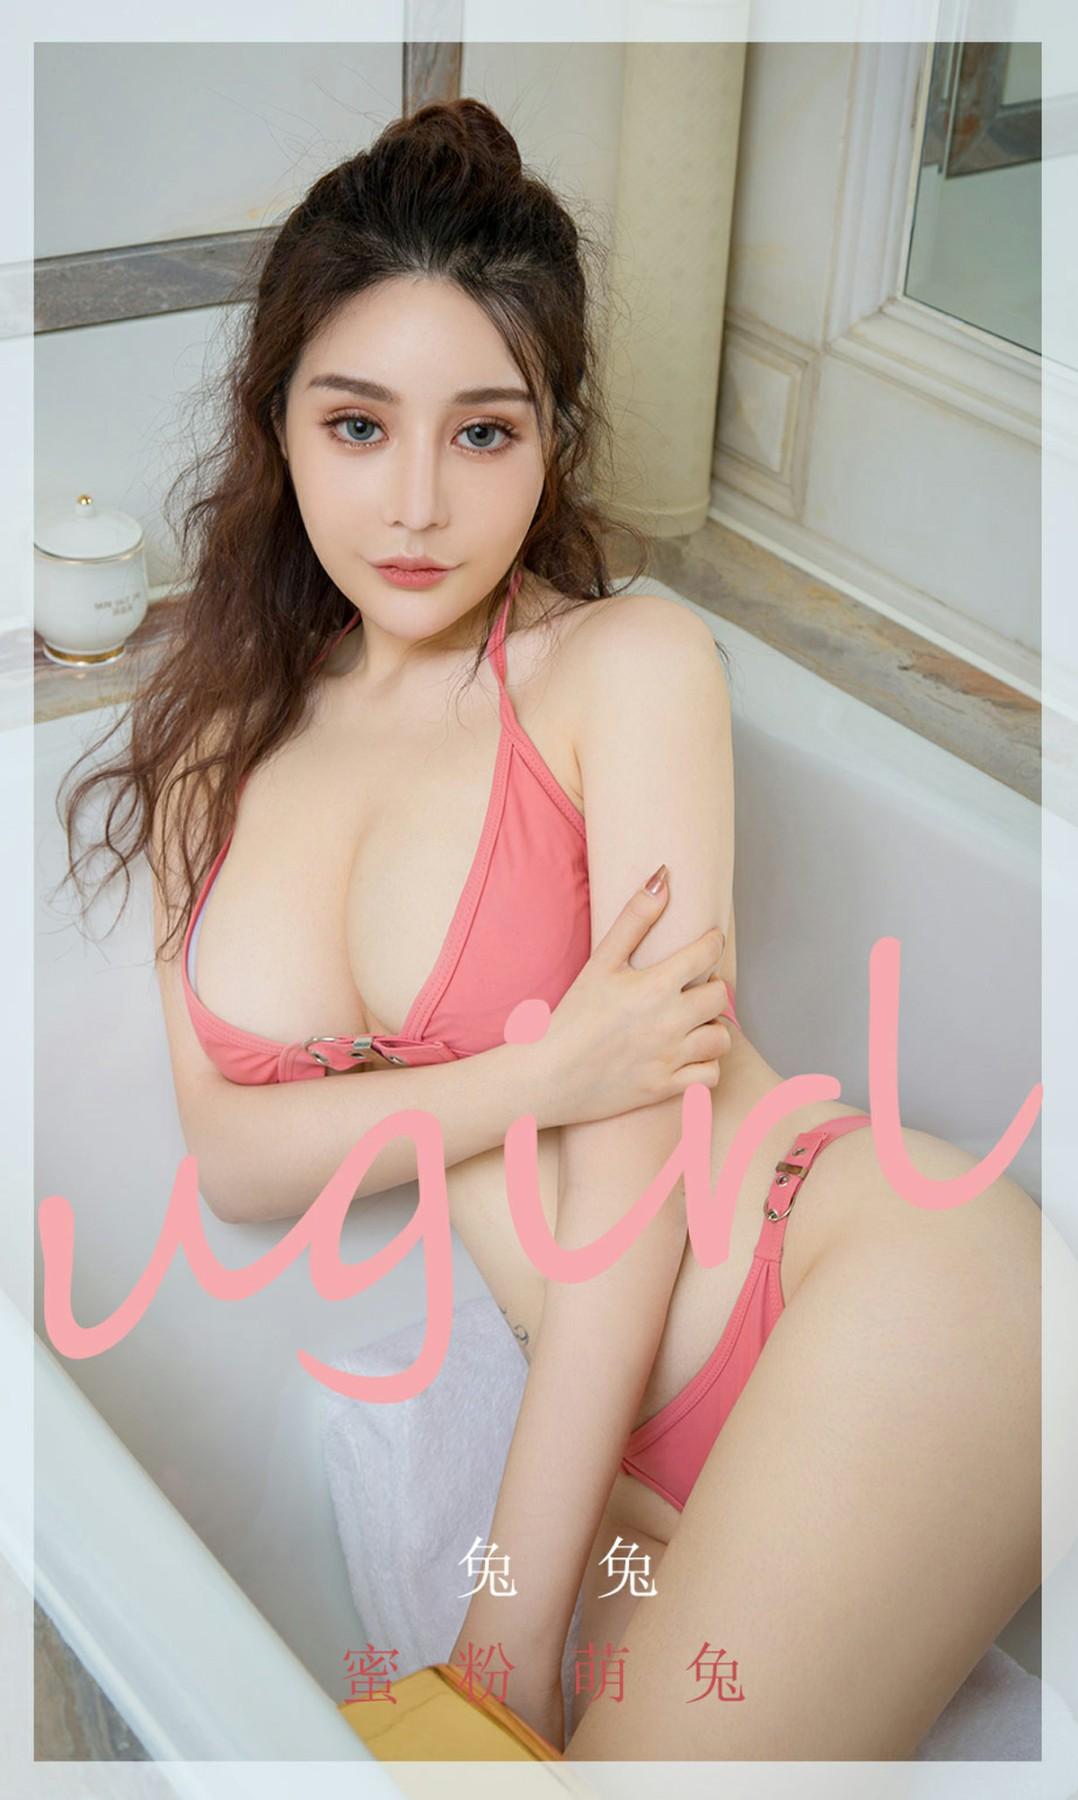 [Ugirls尤果网]爱尤物专辑 2020.05.16 No.1823 兔兔 蜜粉萌兔 第1张